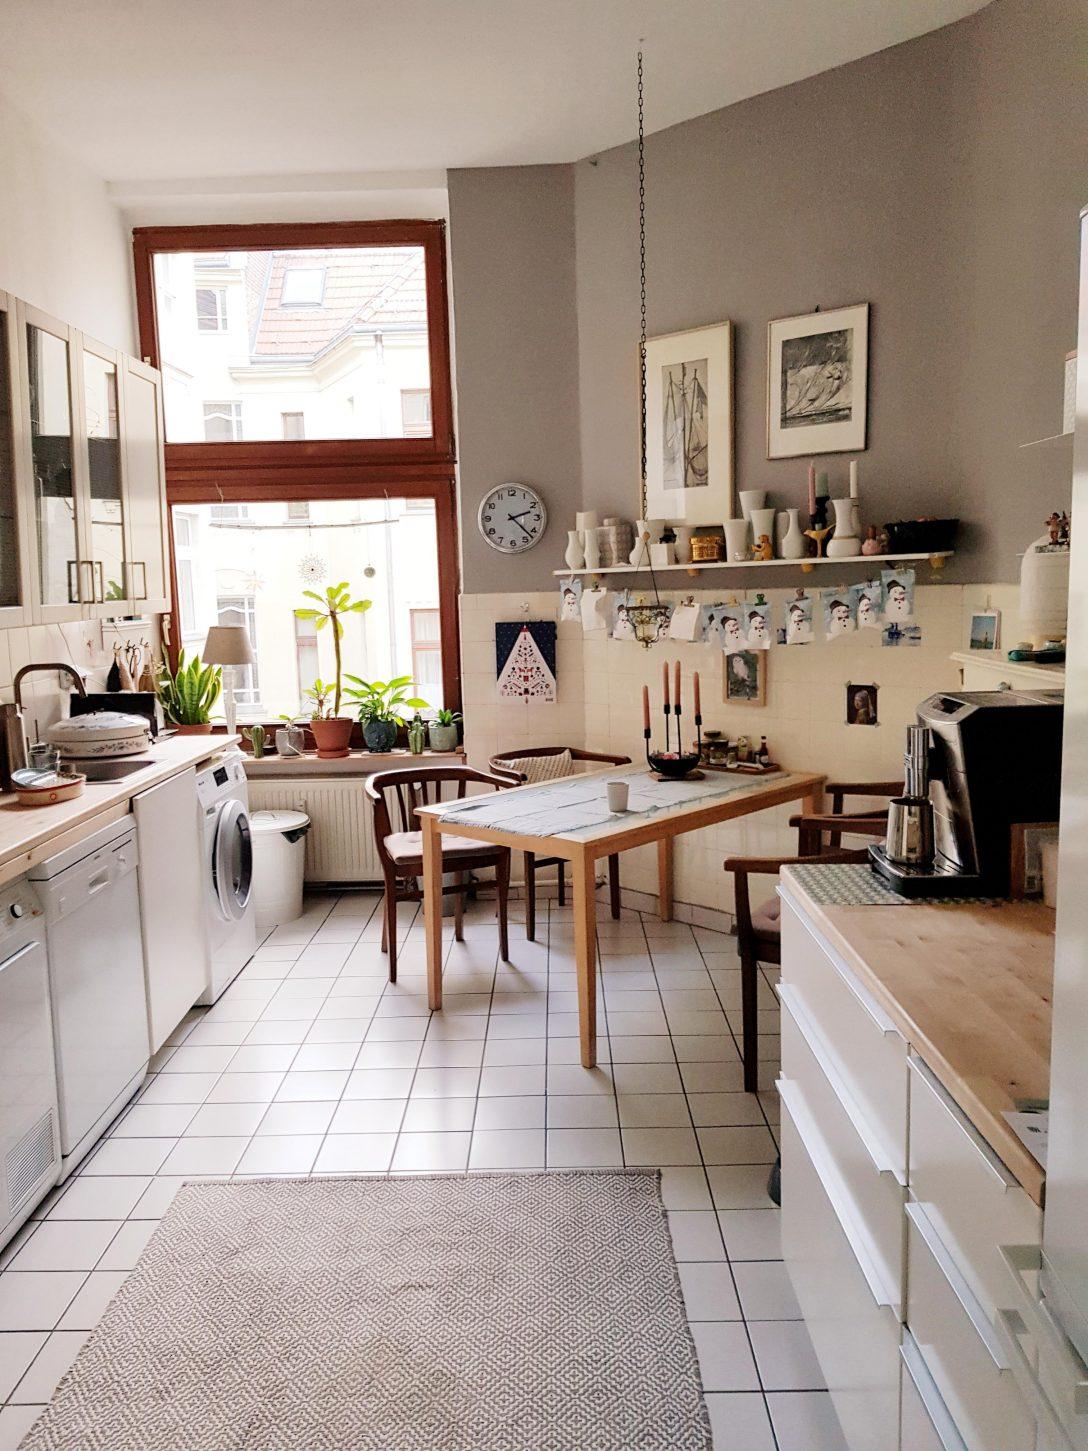 Large Size of Kchen Ideen So Planst Du Deine Traumkche Wohnzimmer Tapeten Bad Renovieren Küchen Regal Wohnzimmer Küchen Ideen